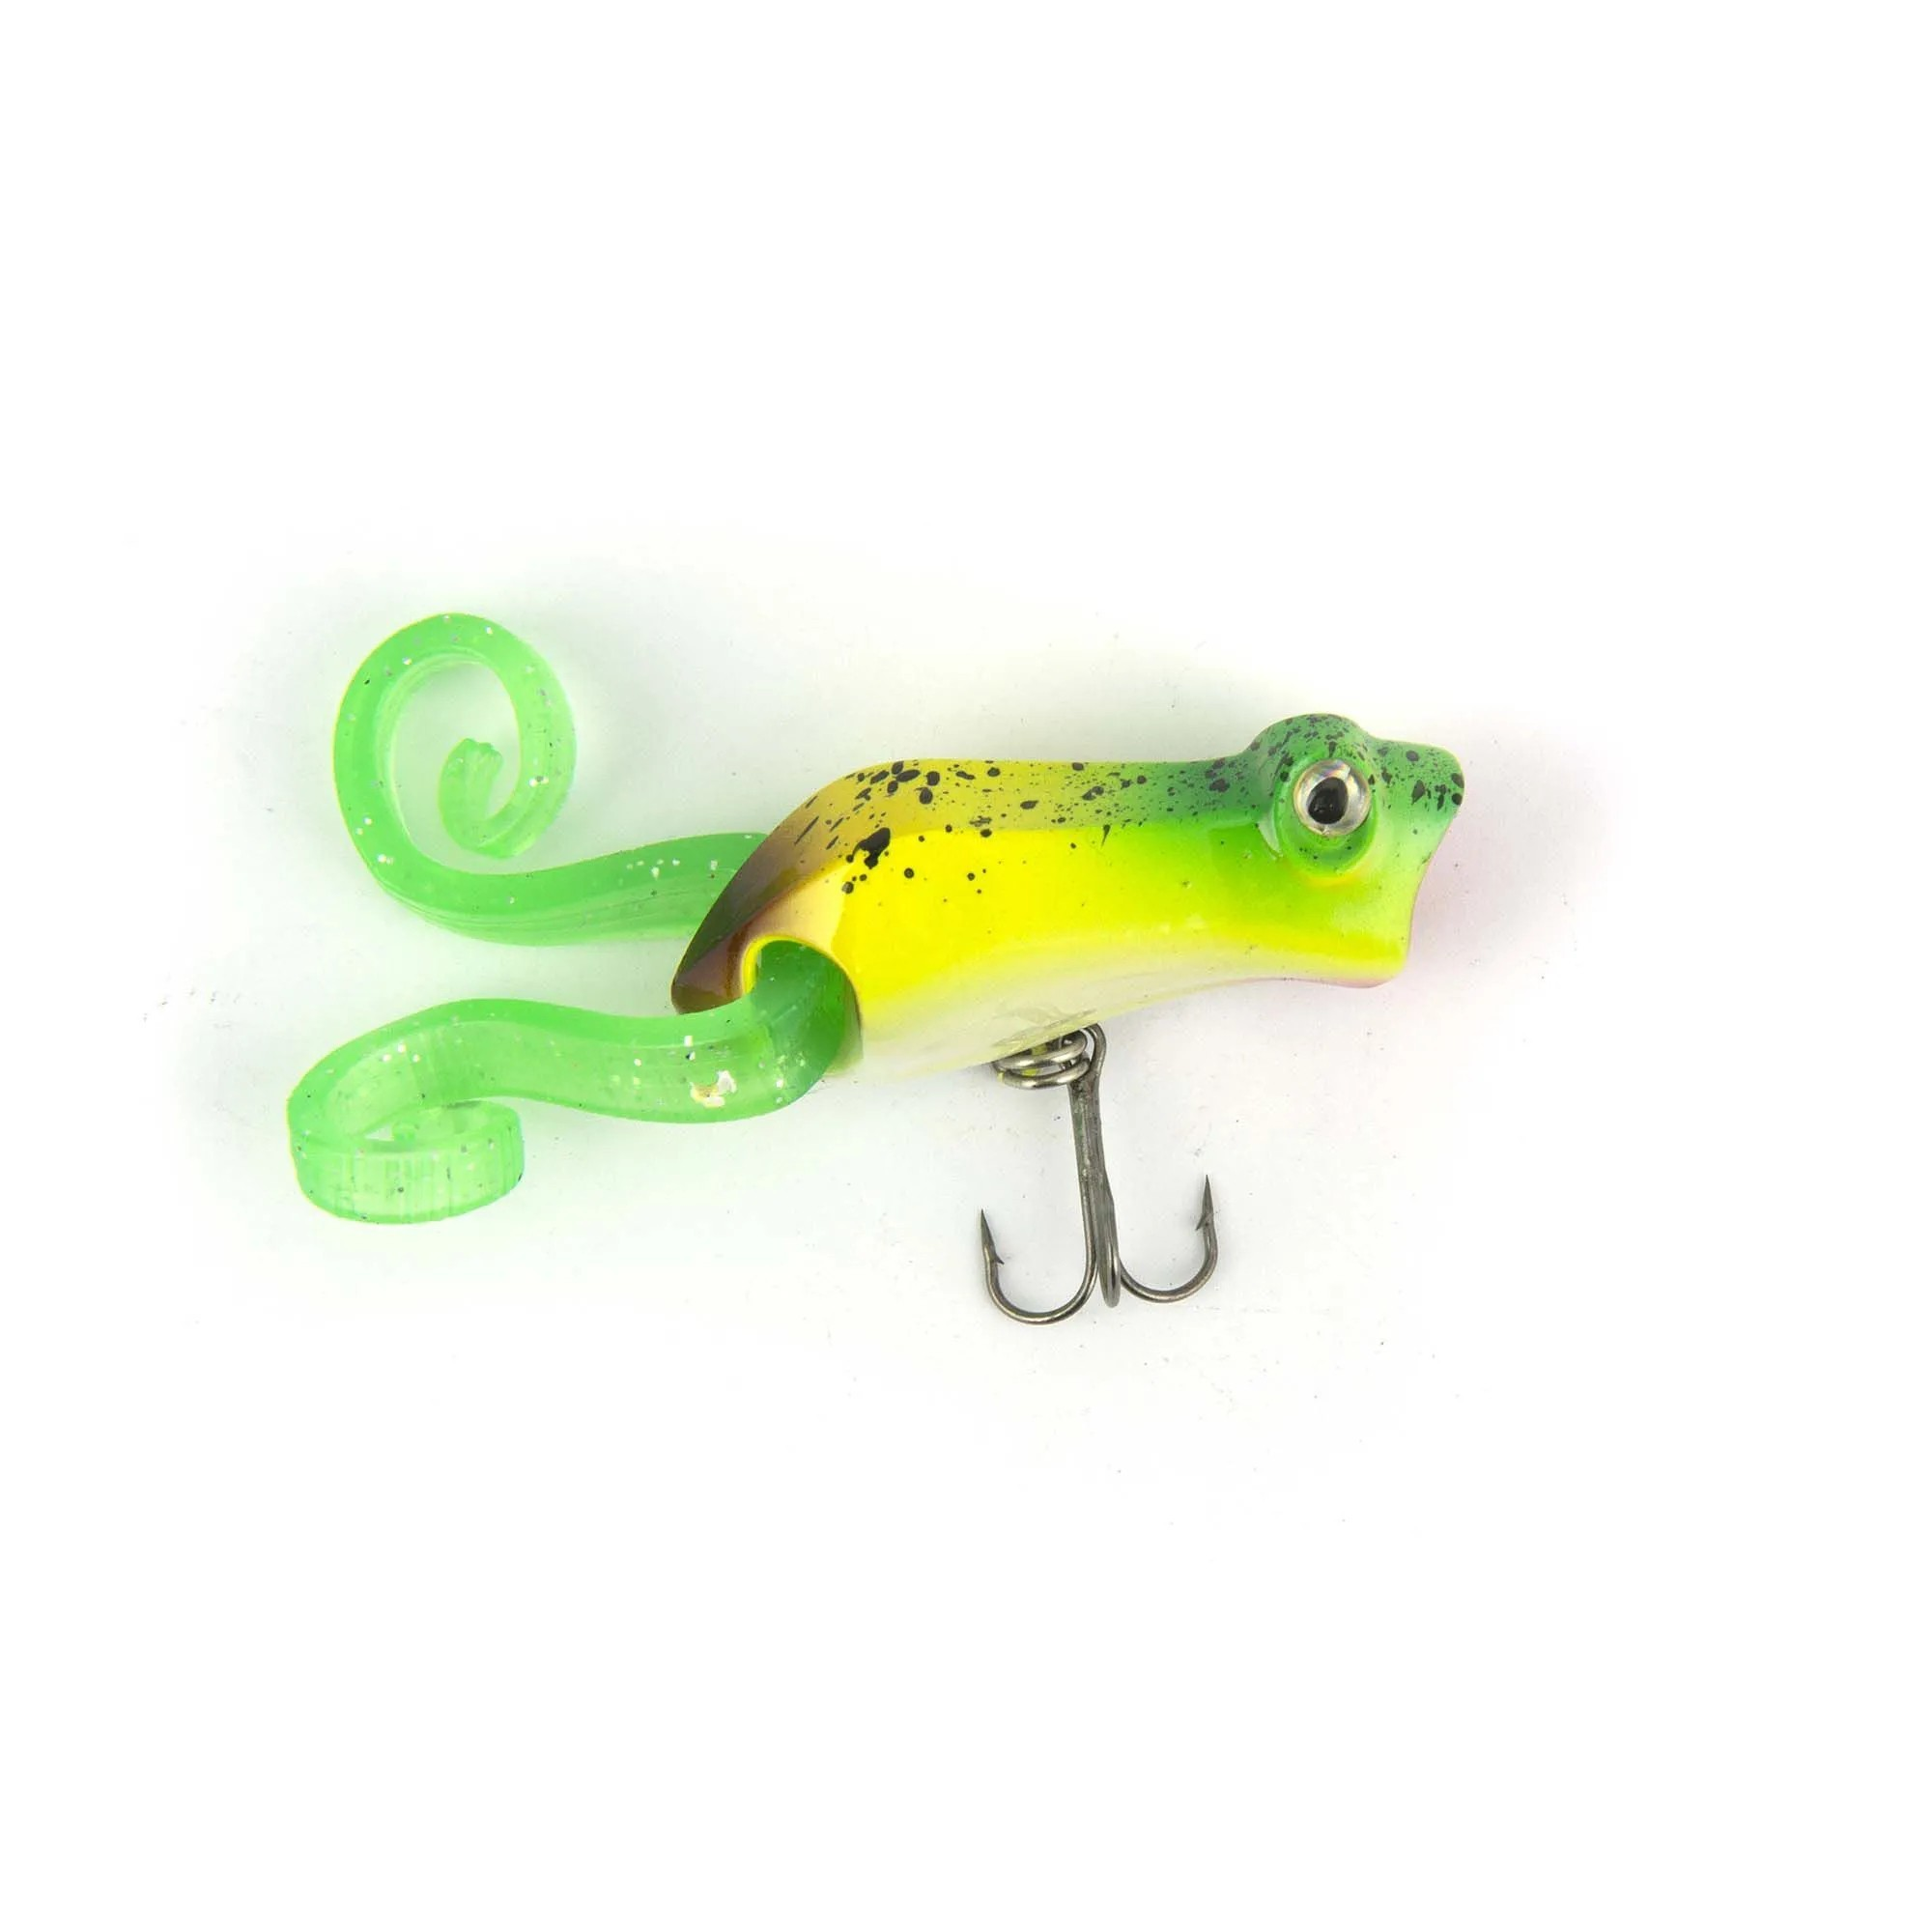 Isca Artificial Hard Frog  - Artpesca